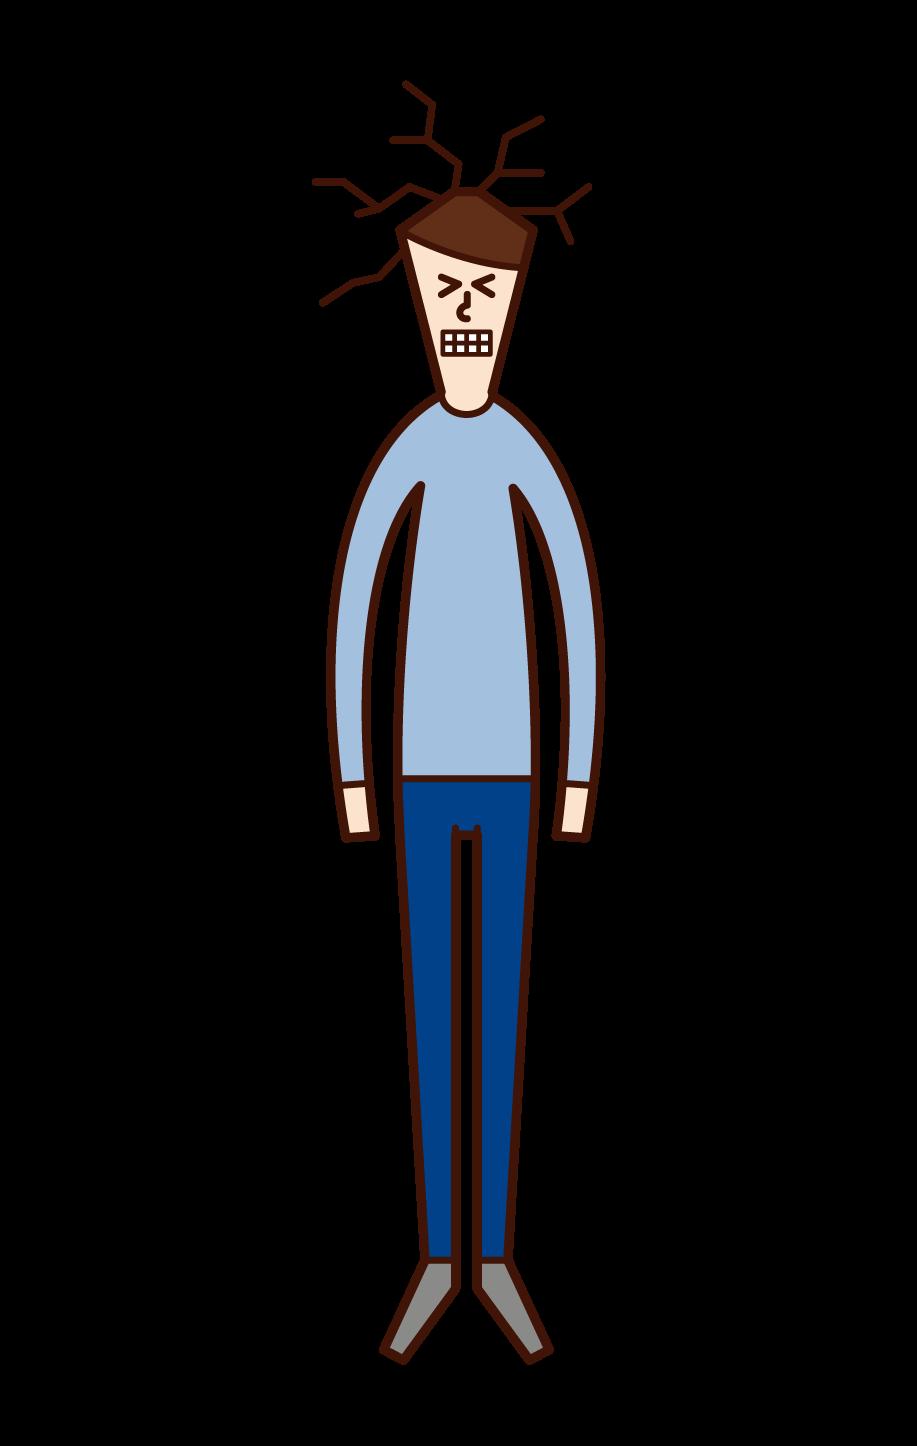 天井に頭をぶつける人(男性)のイラスト